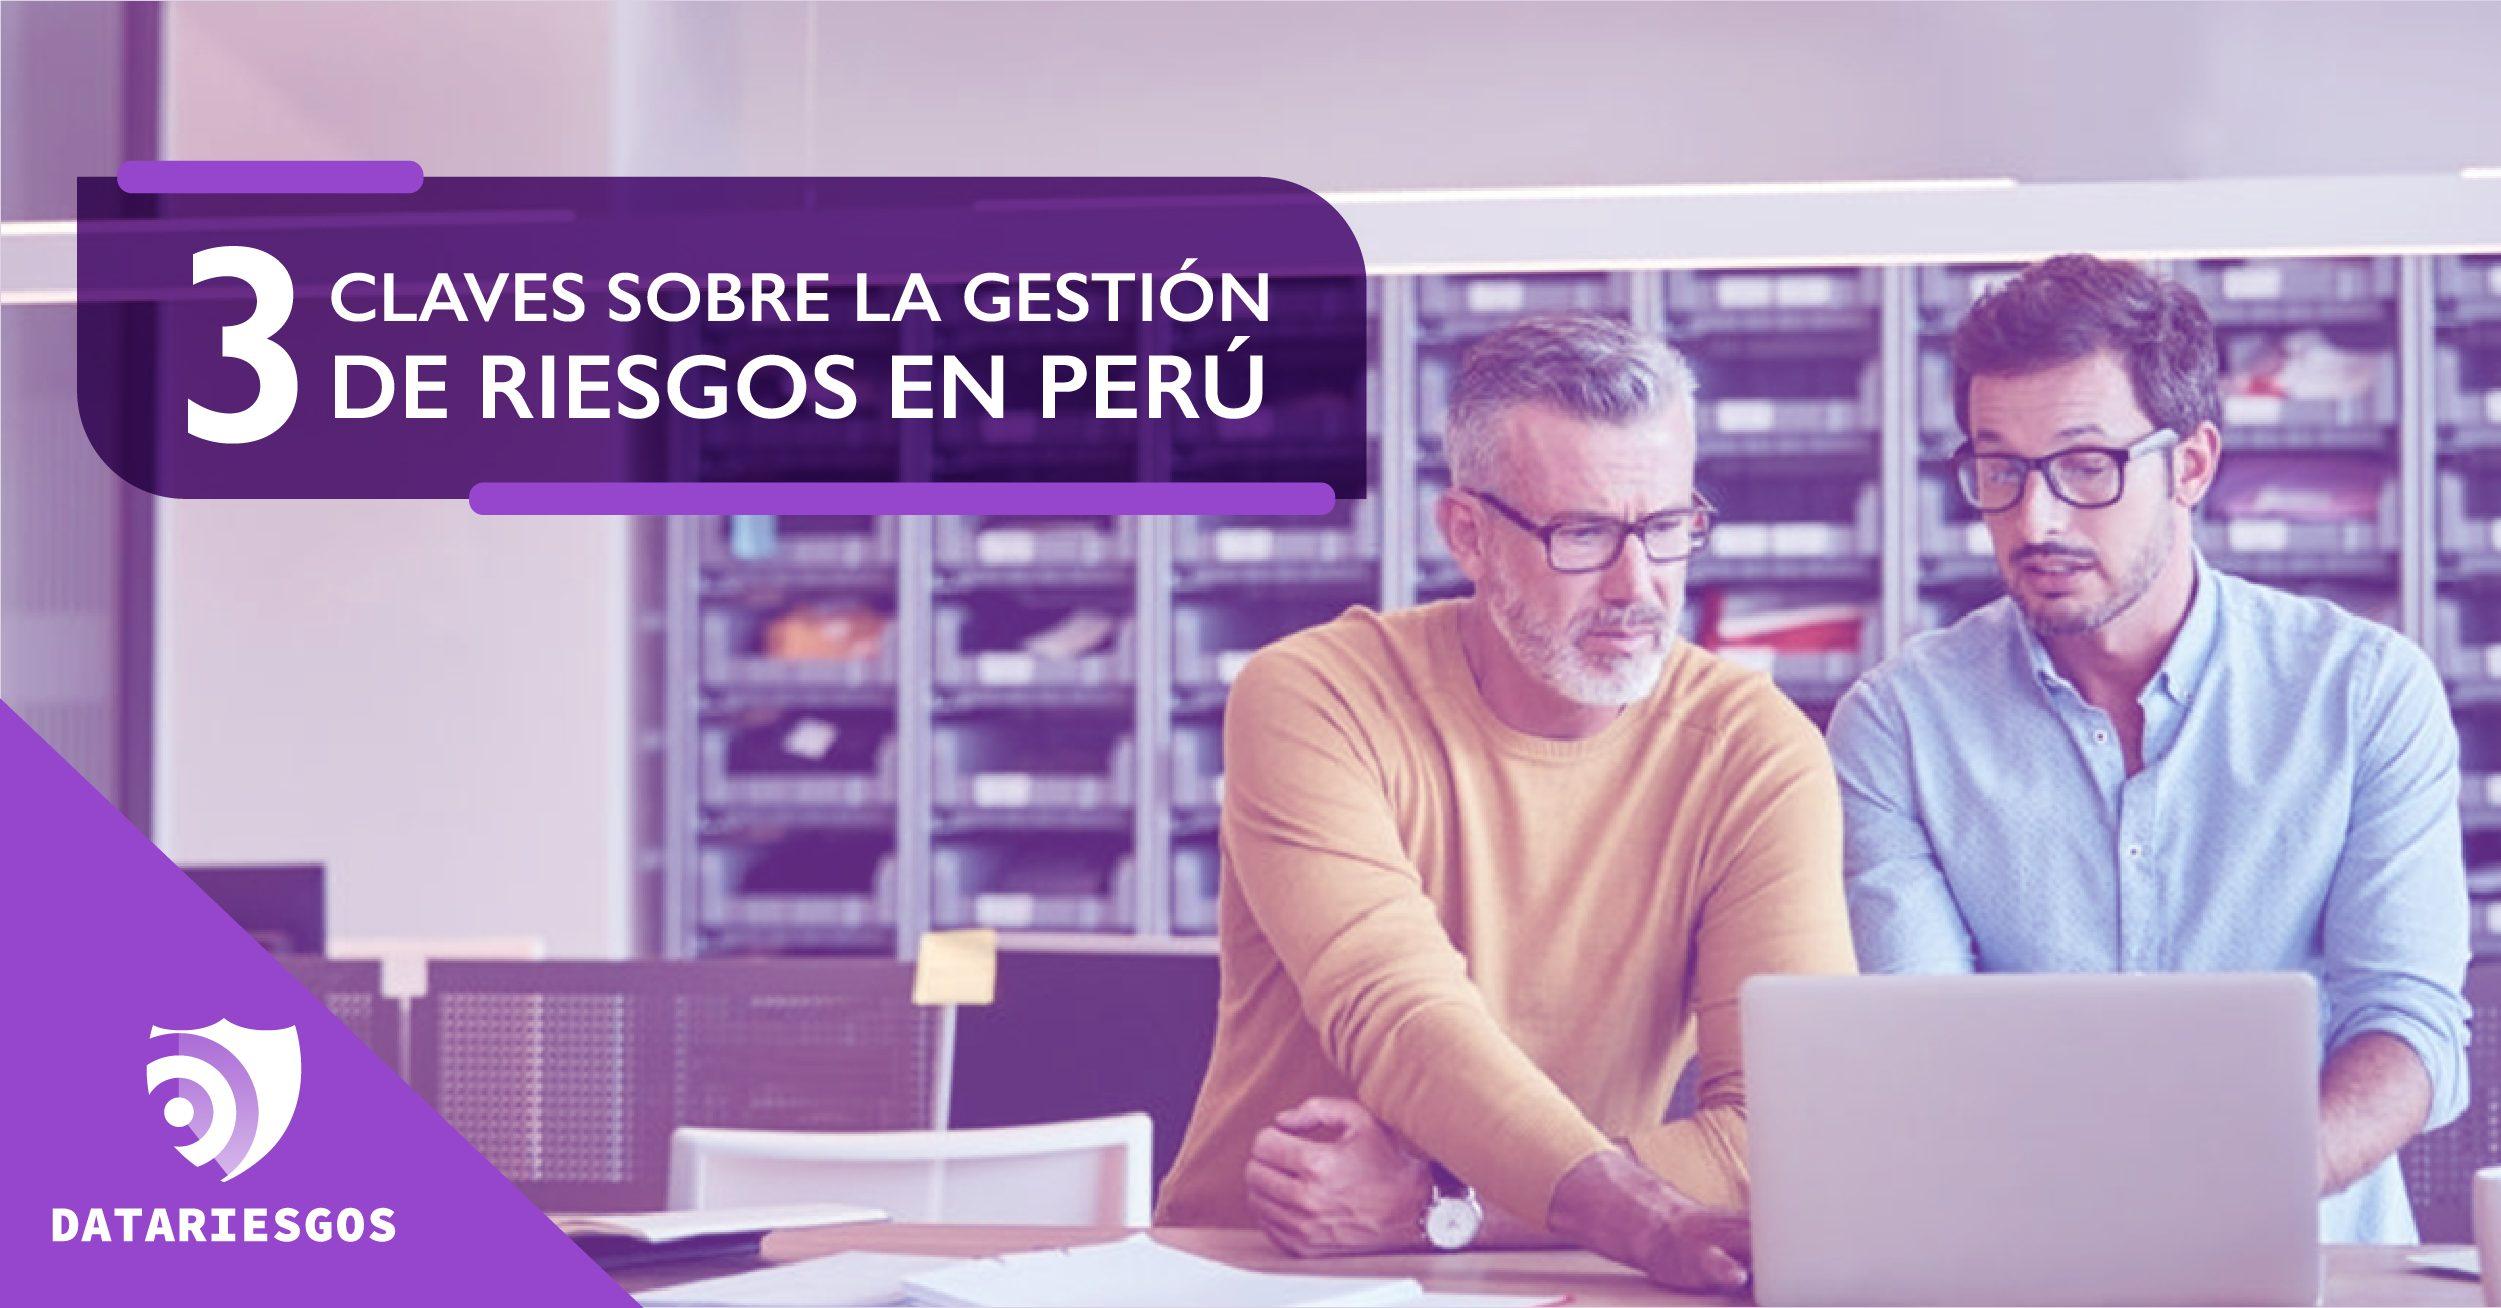 3 claves sobre la gestión de riesgos en Perú